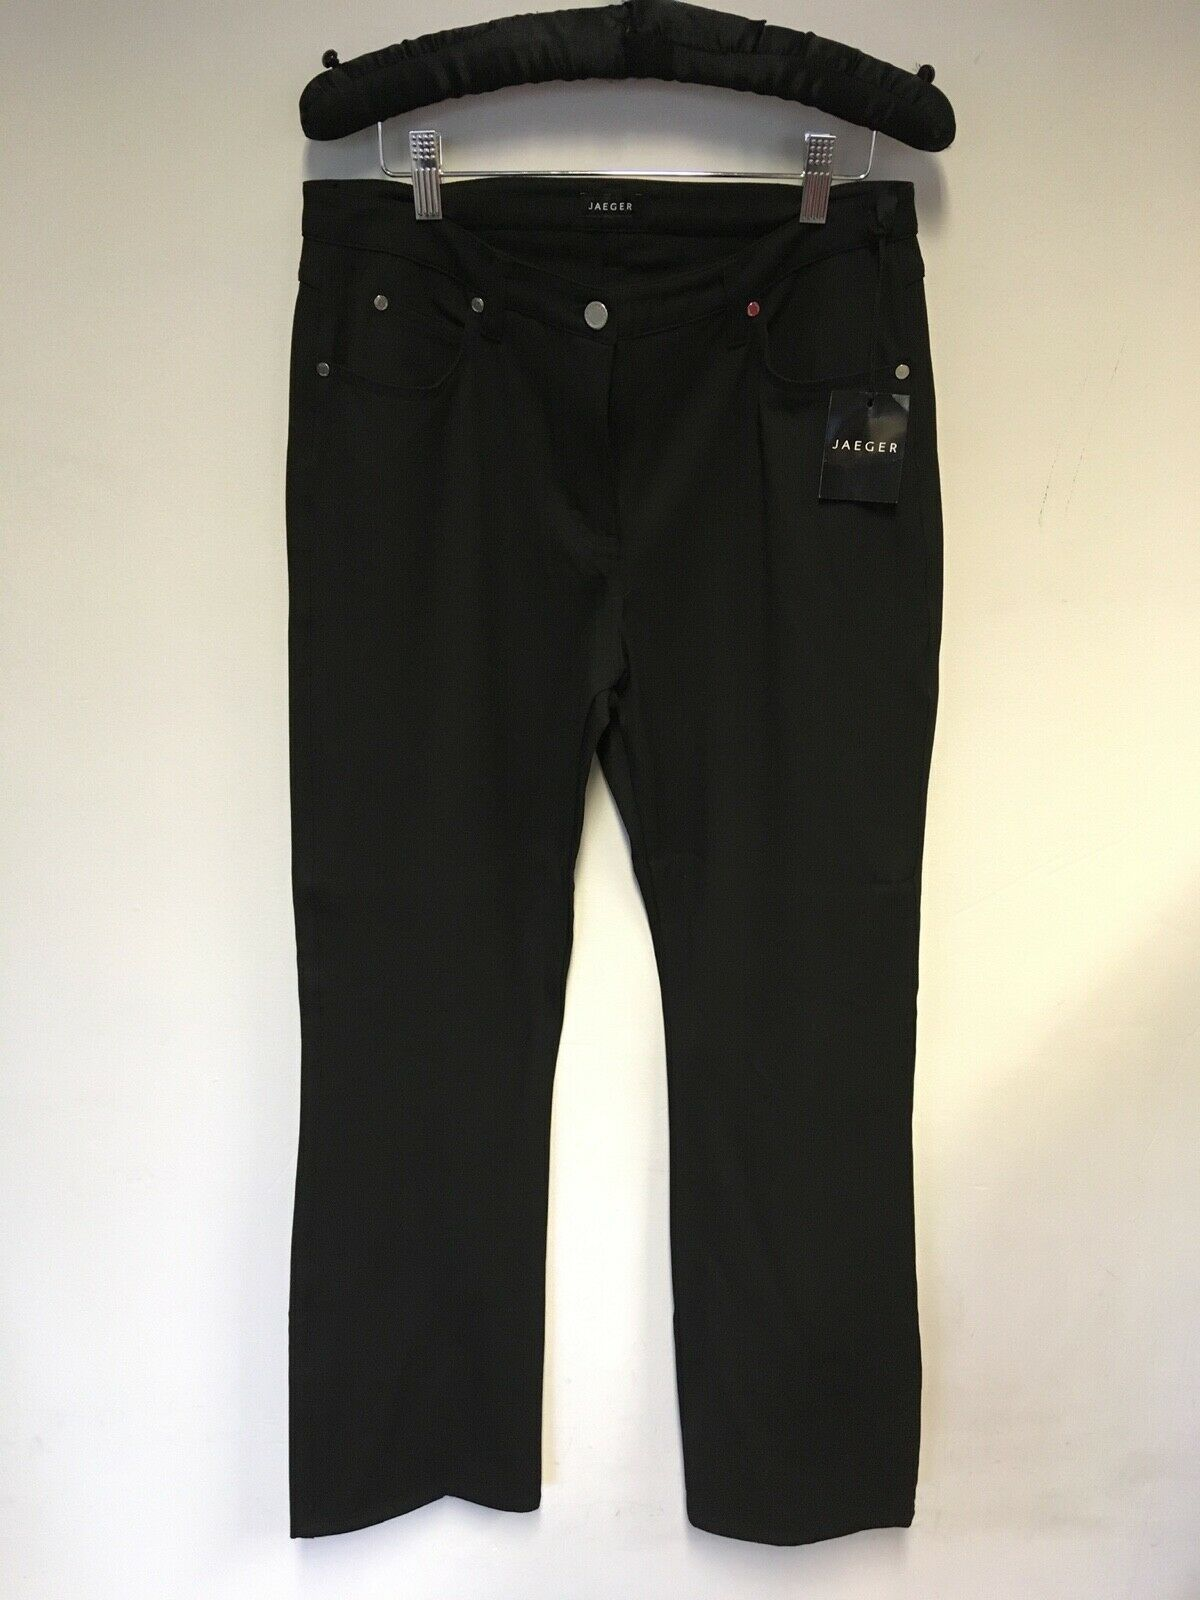 BNWT JAEGER Noir Stretch Pantalon Jeans Taille 12